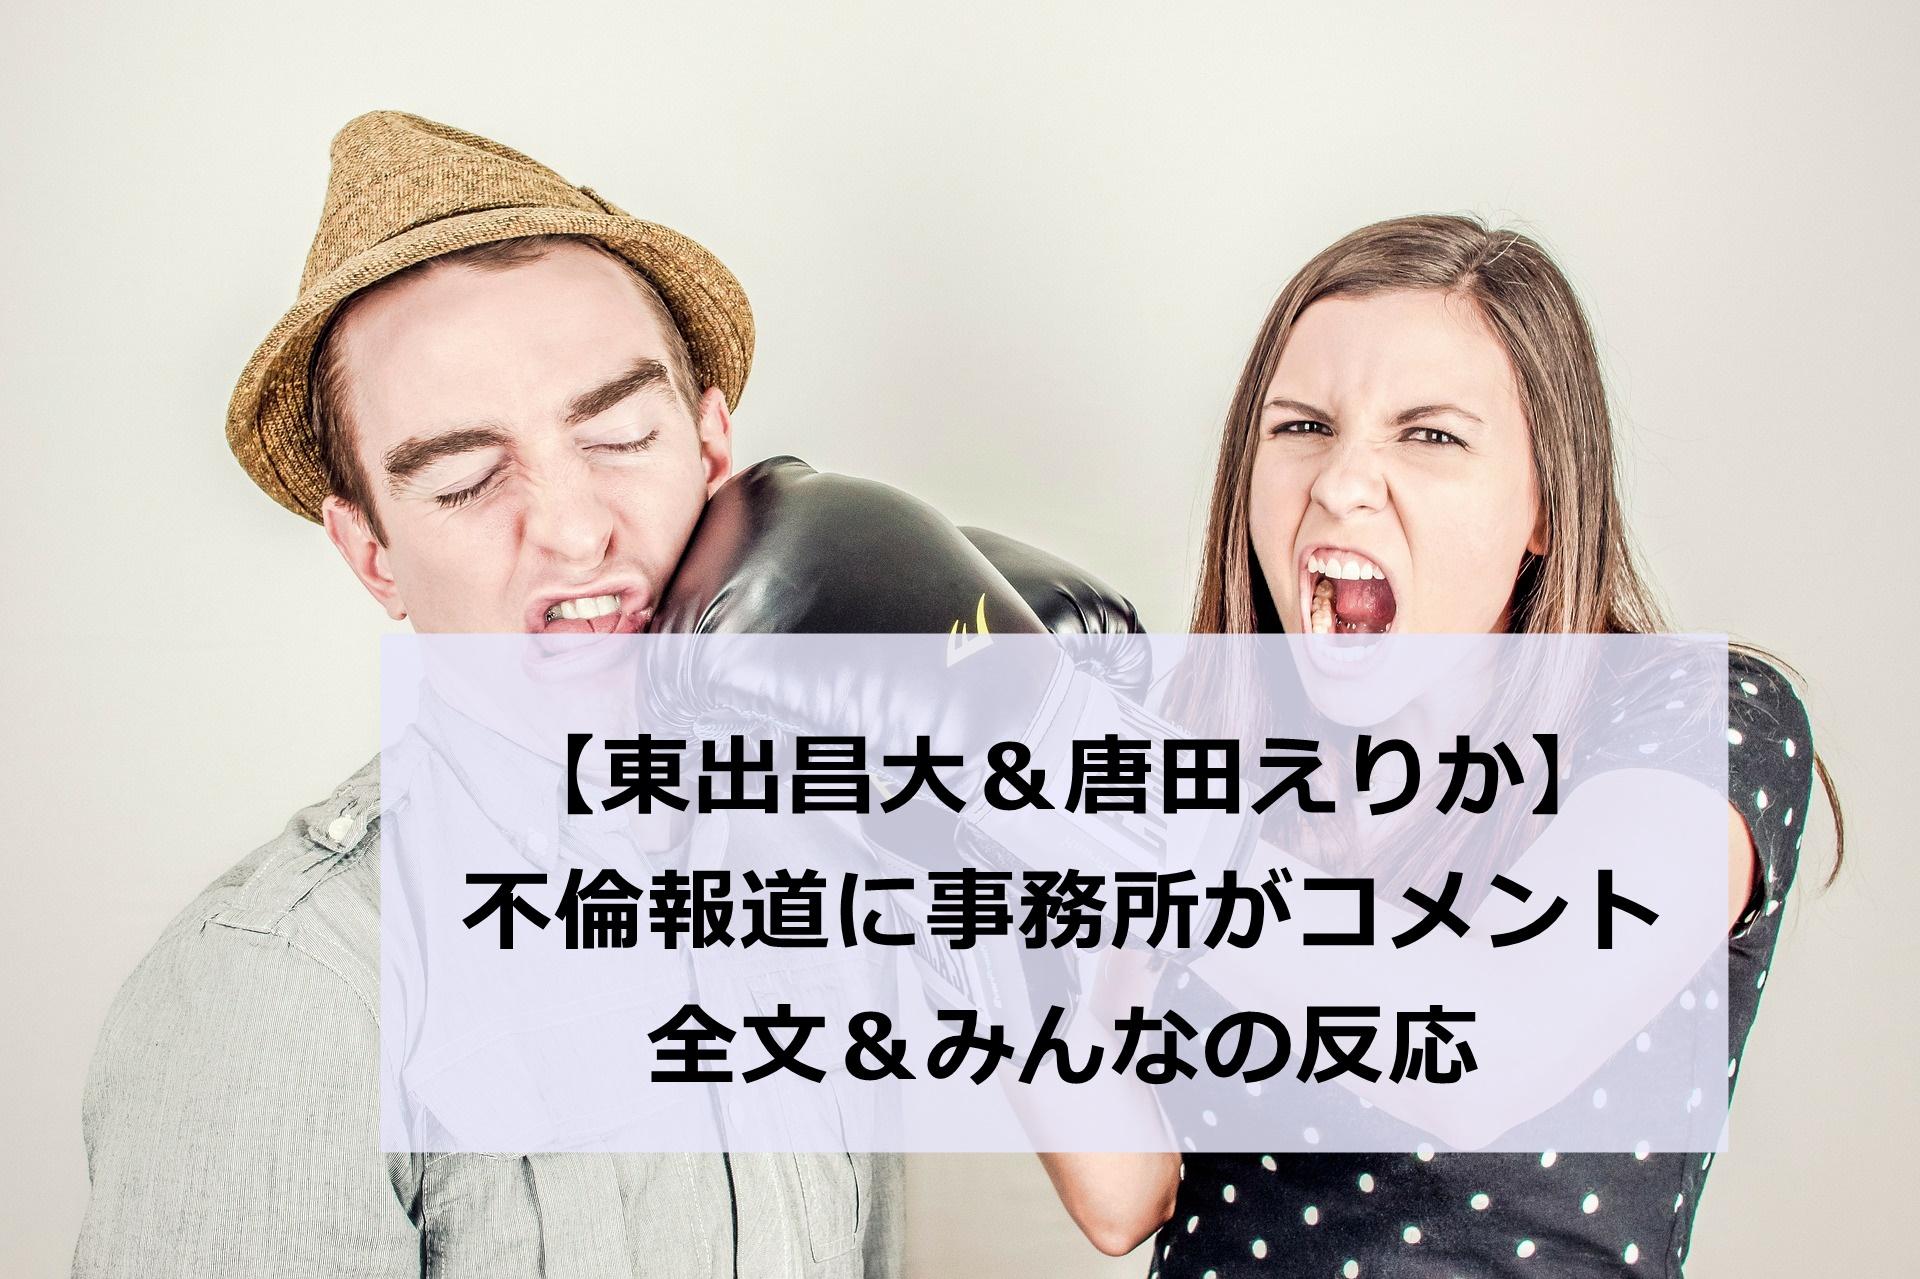 東出昌大&唐田えりか不倫報道【コメント全文】の内容にみんなの声は?